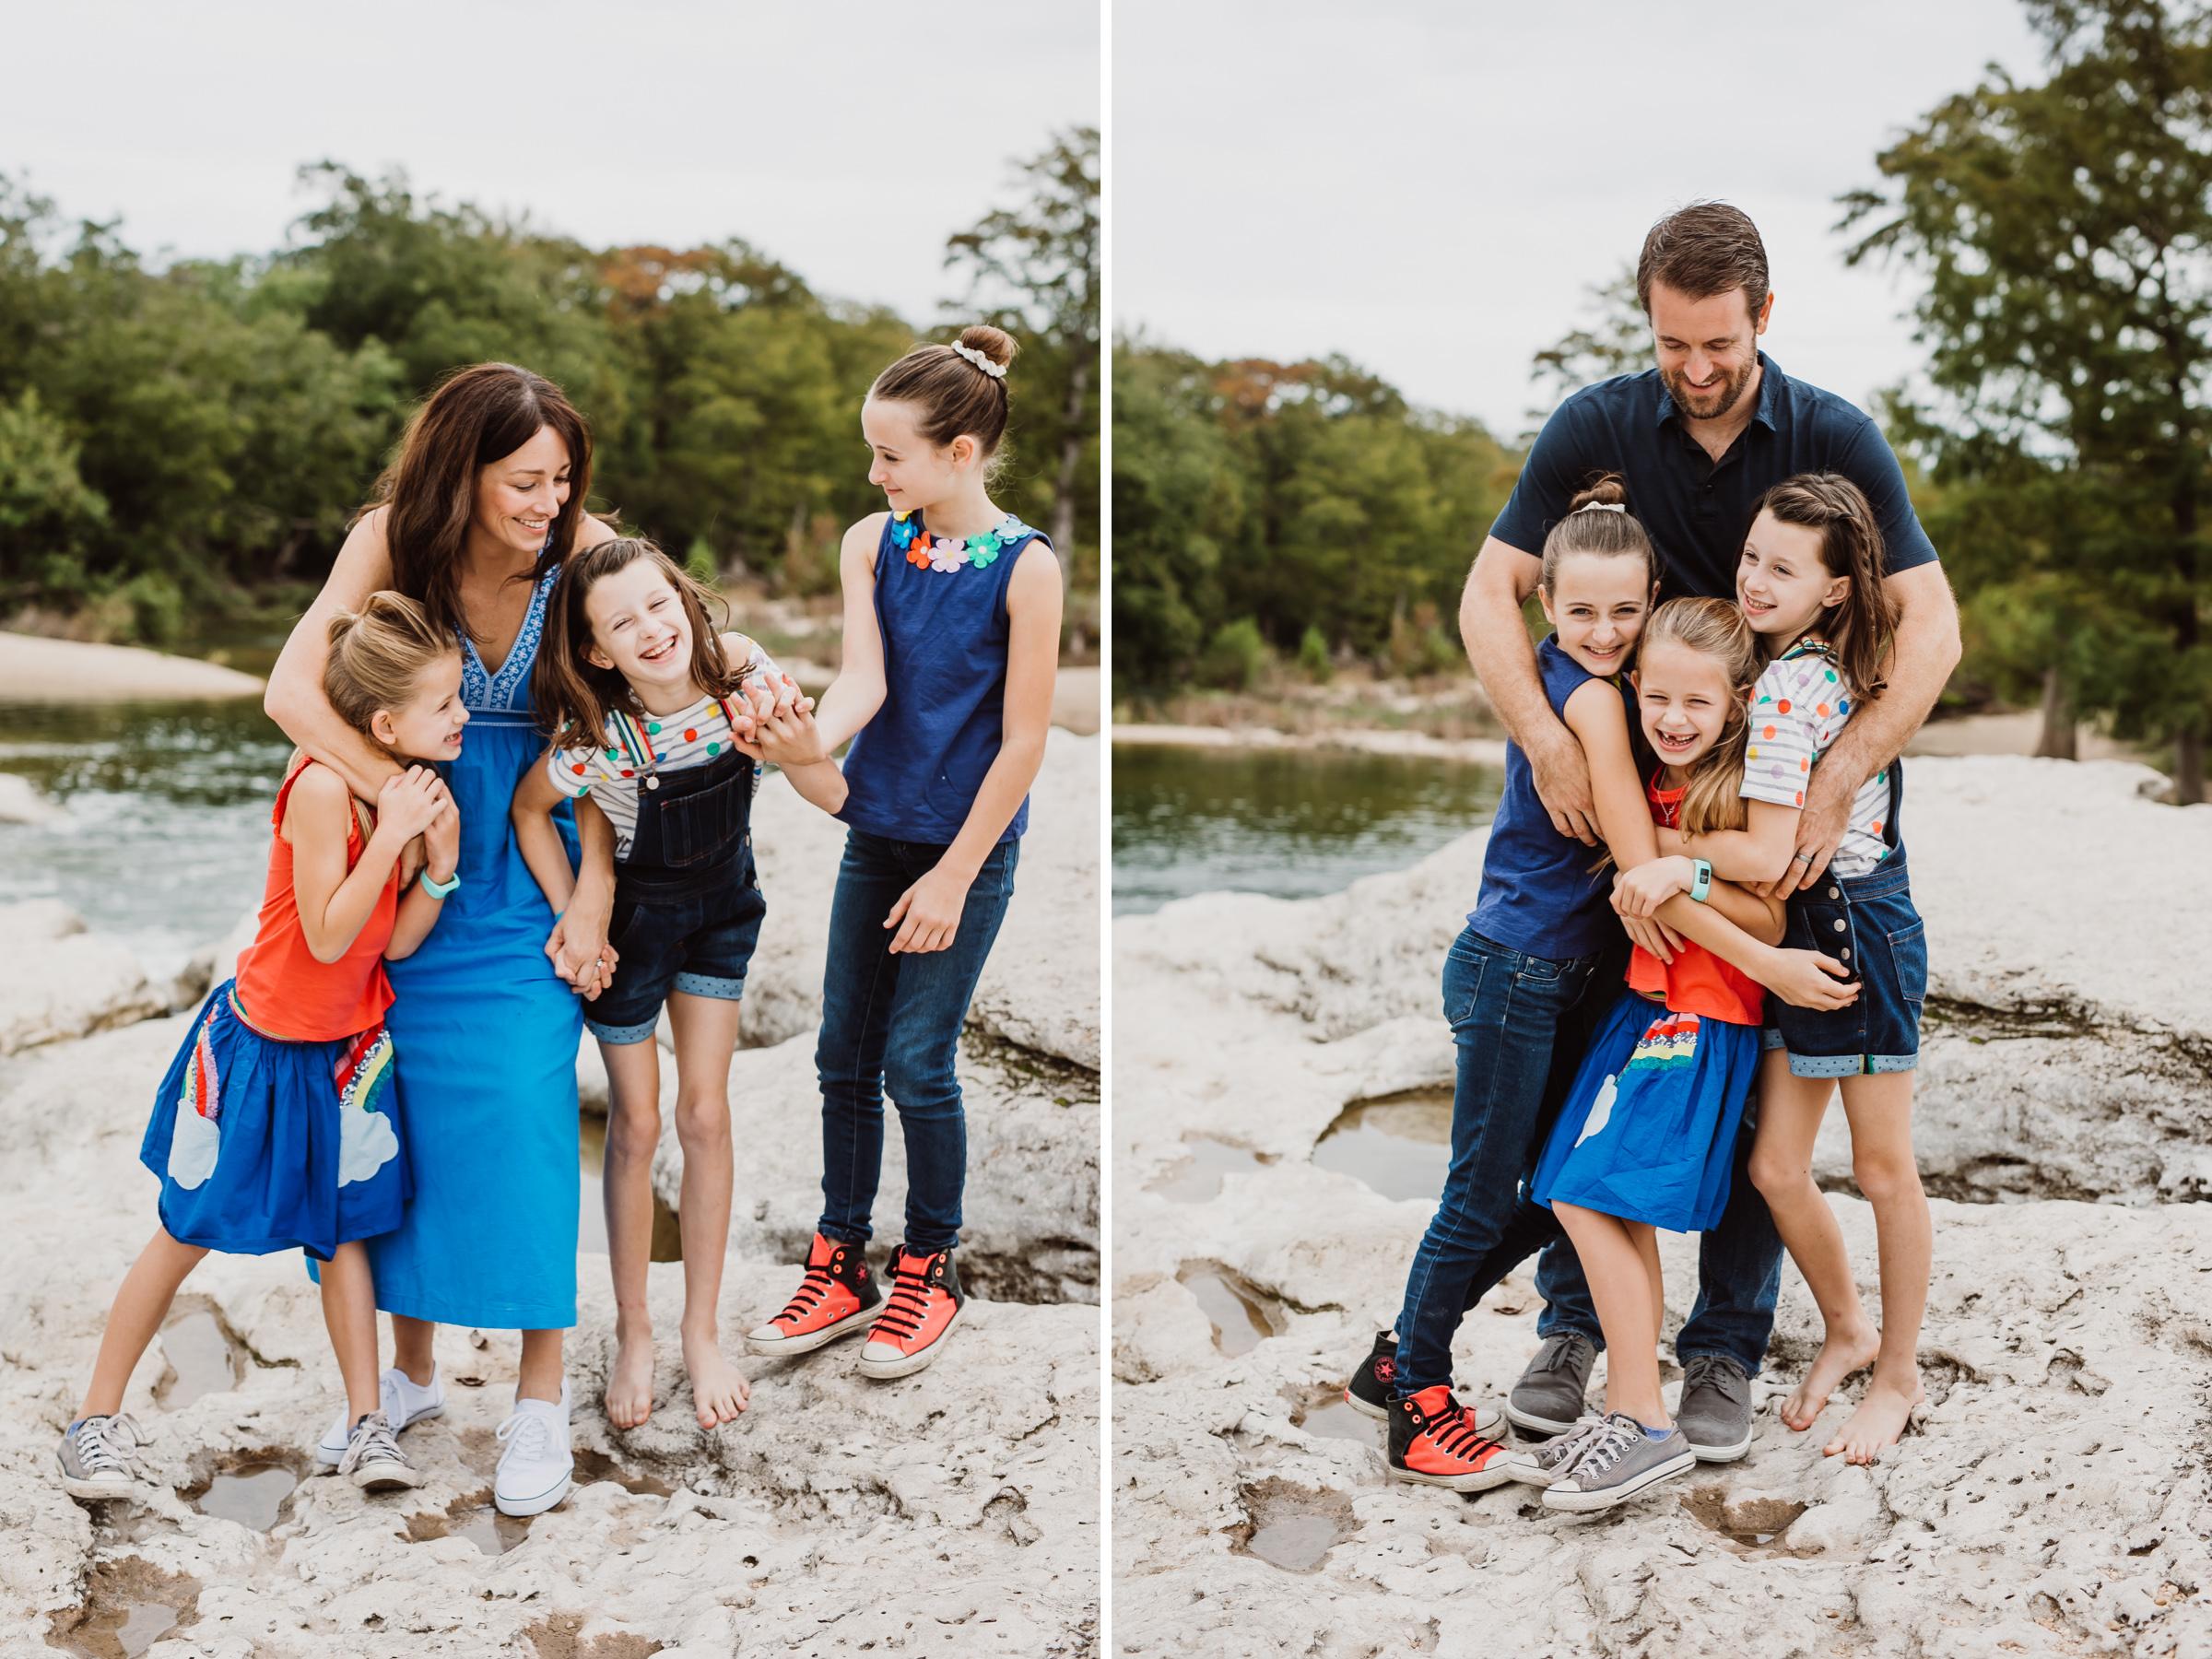 mckinney-falls-family-session-burpo-2.jpg